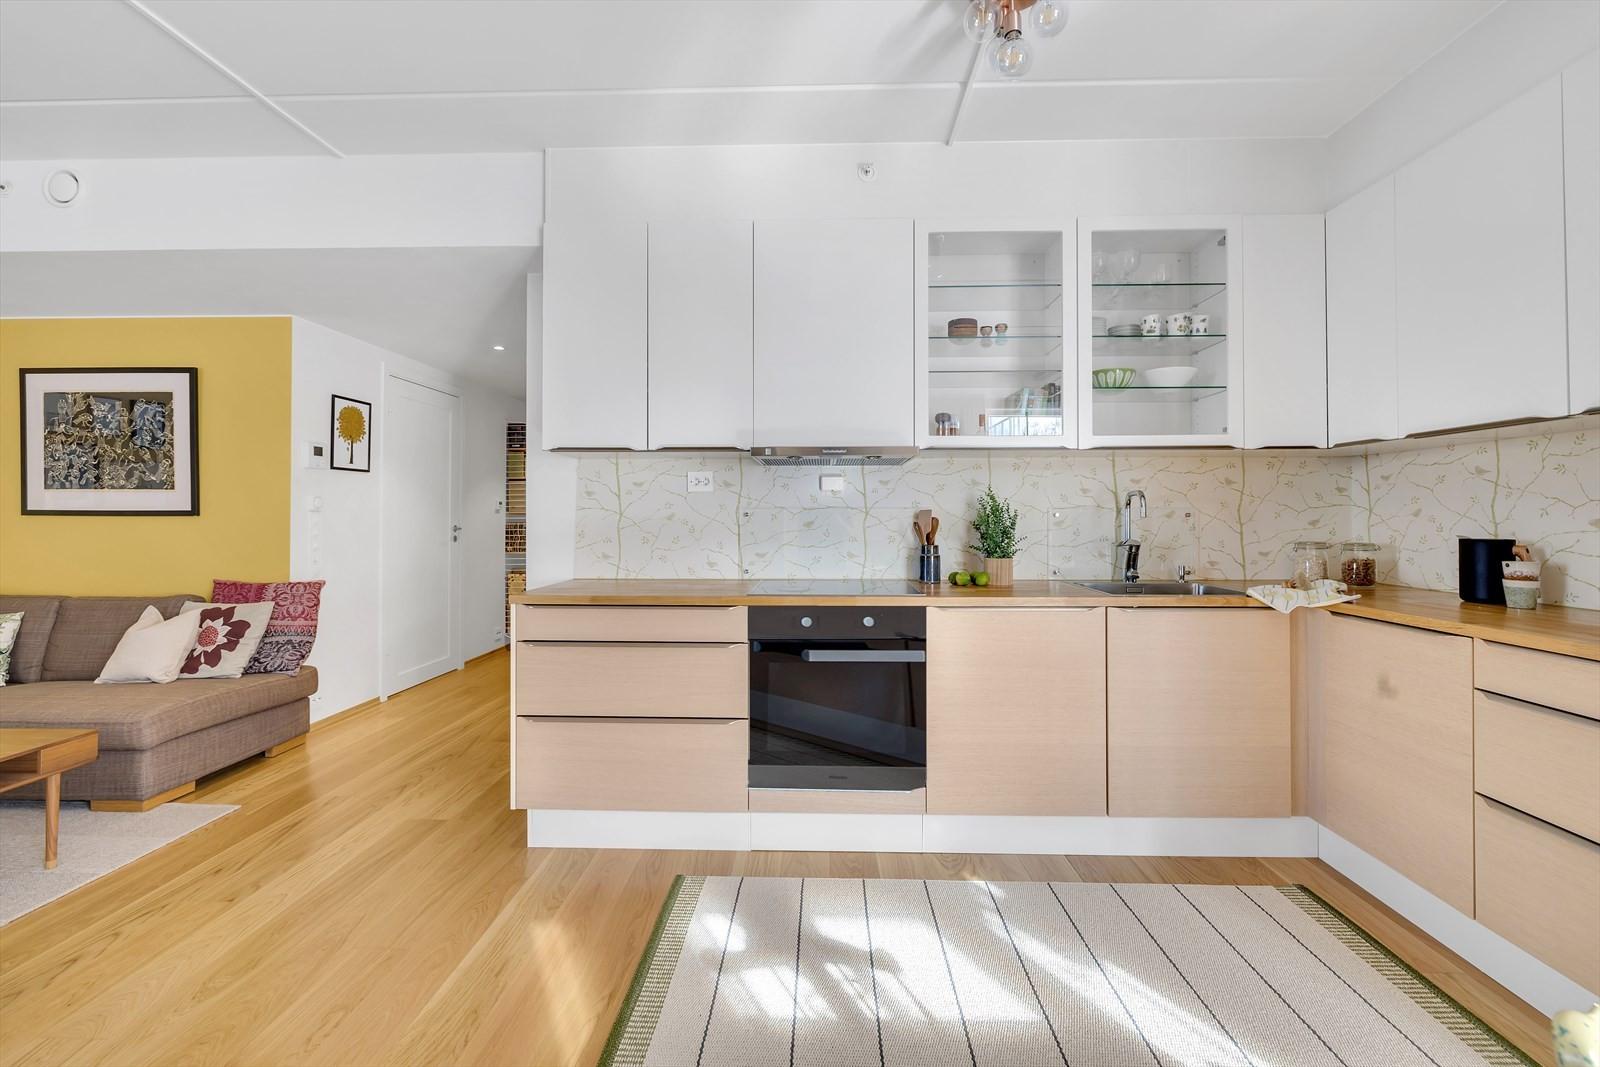 Kjøkkenet er oppgradert fra opprinnelig leveranse fra utbygger